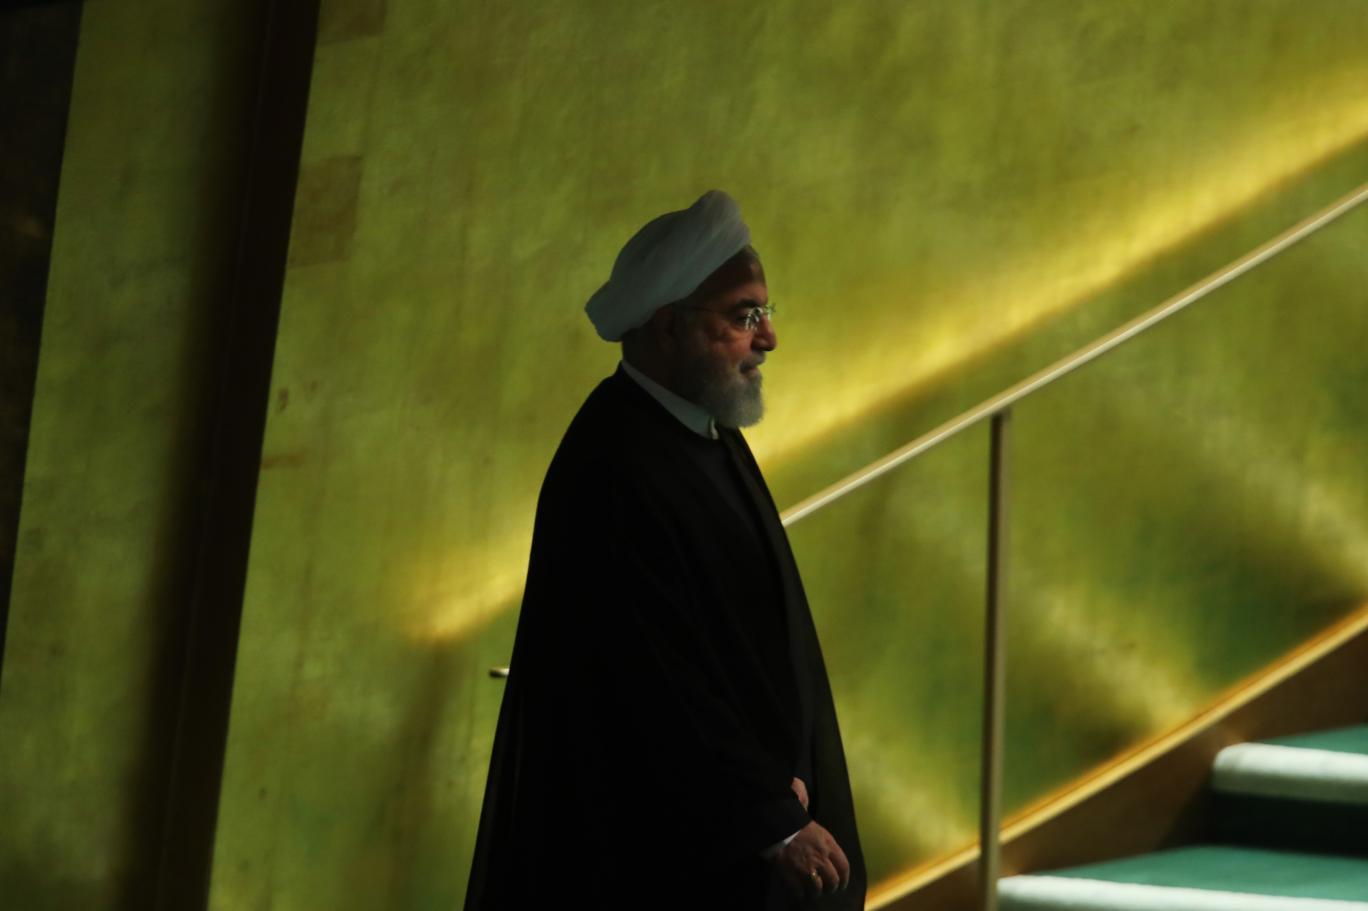 حسن روحانی؛ ۲۰ سال پس از ۱۸ تیر ۱۳۷۸, امنیتیترین رئیسجمهور ایران که «سرهنگ» بود